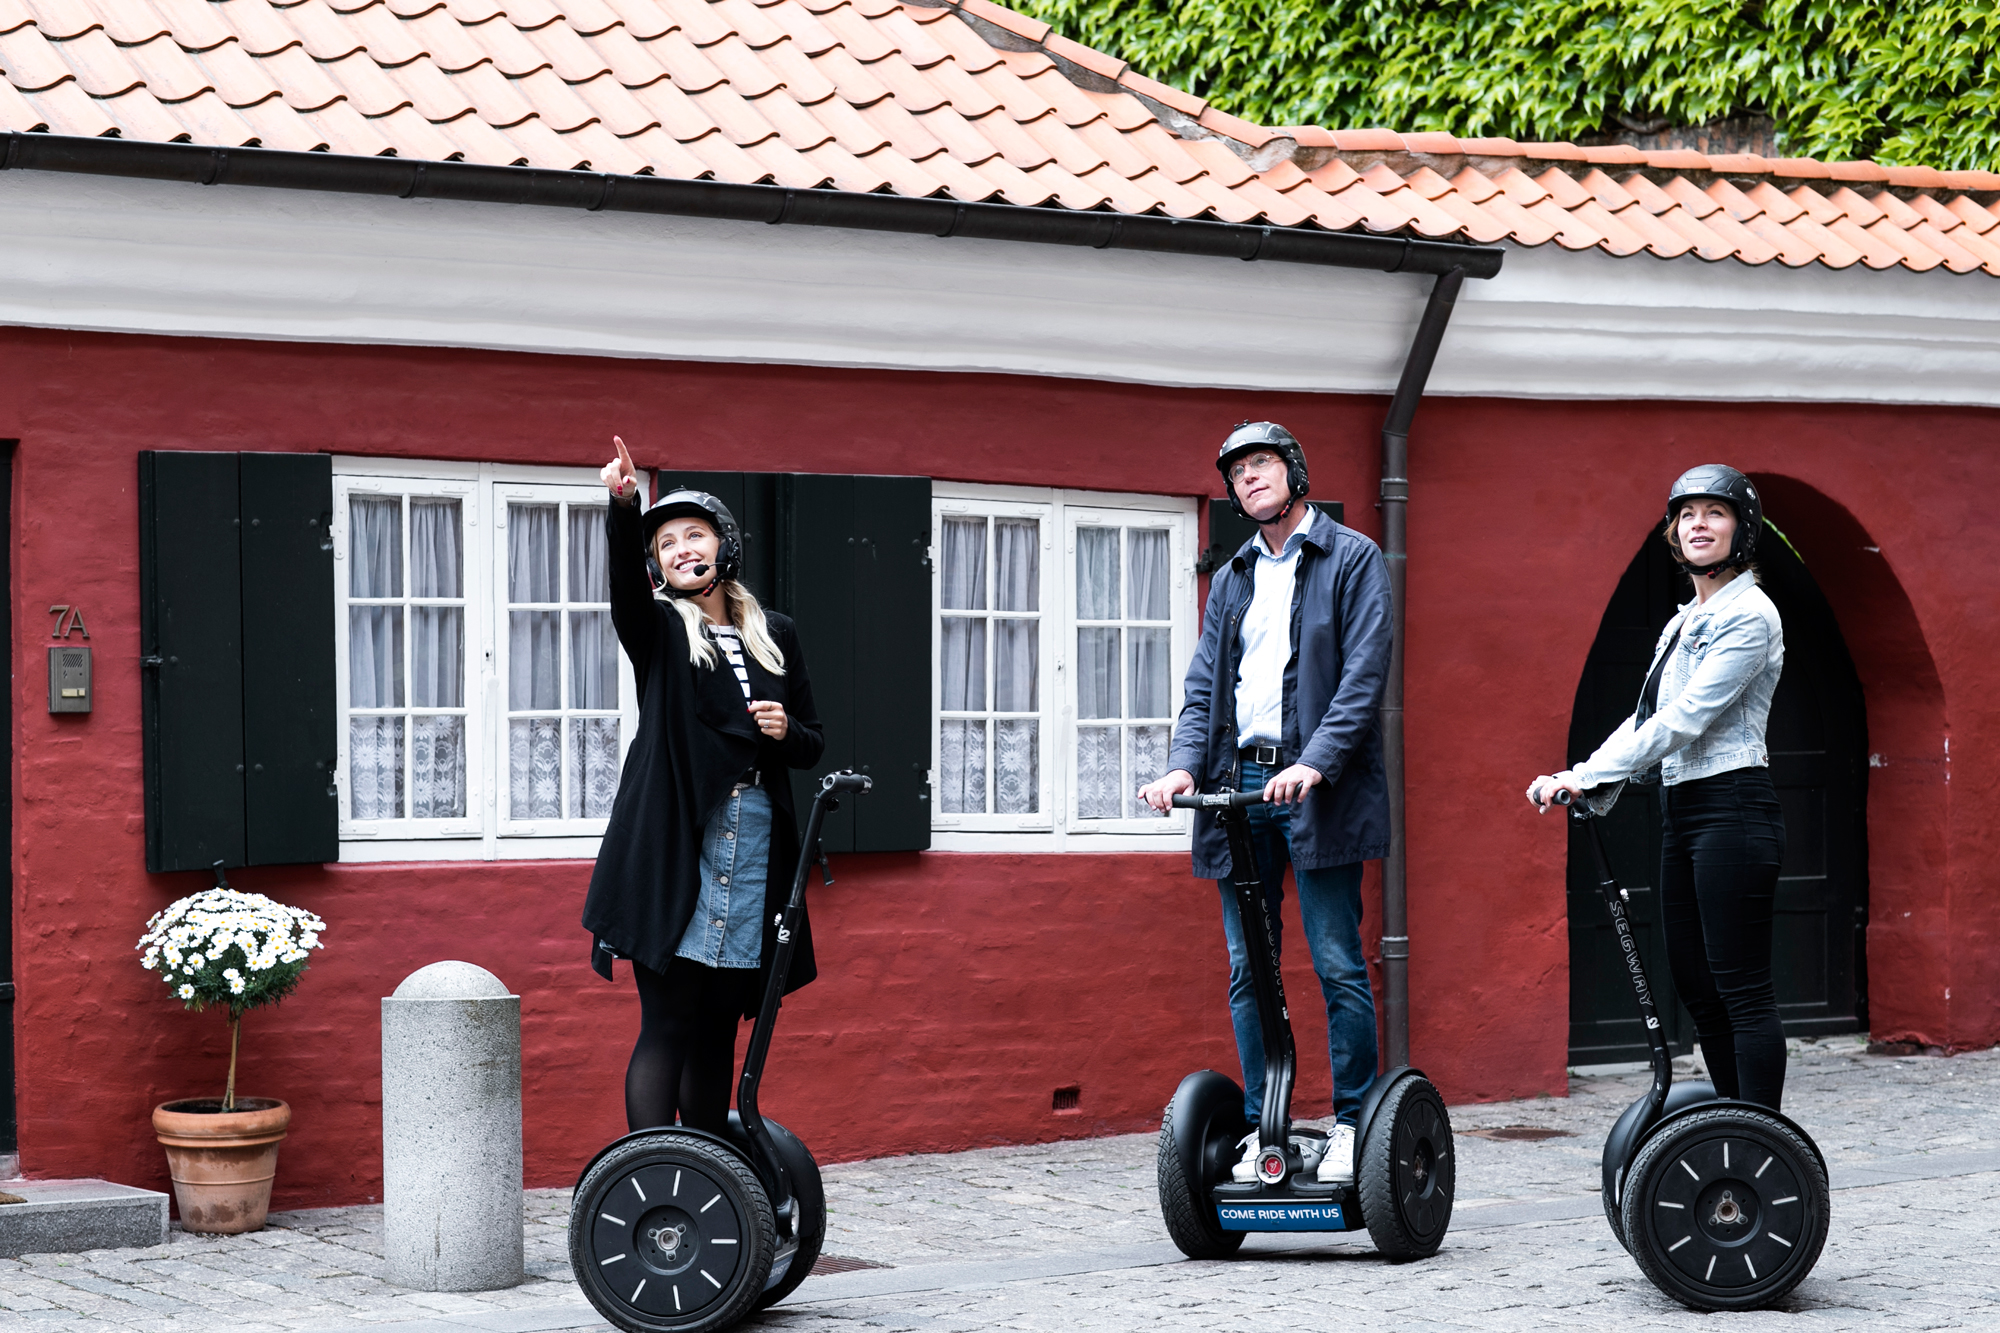 Segway Tours Copenhagen 2 hour